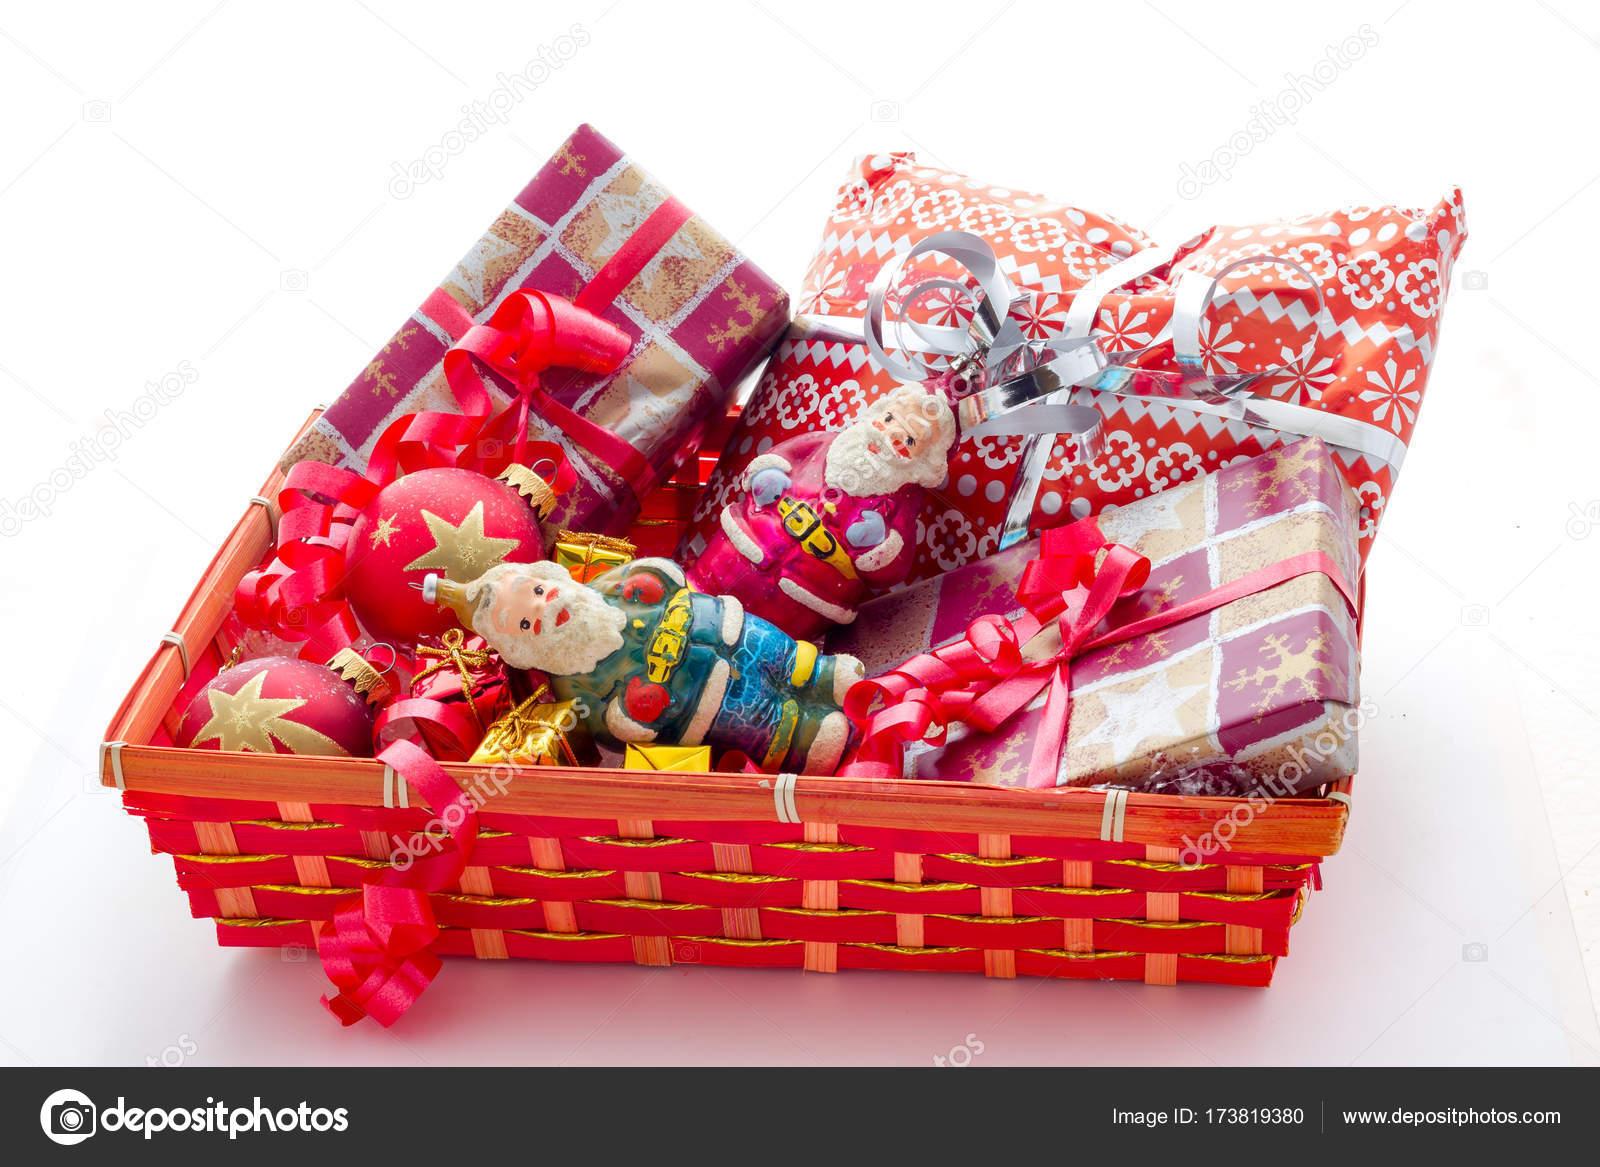 korb mit weihnachtsgeschenke — Stockfoto © fpwing_c #173819380